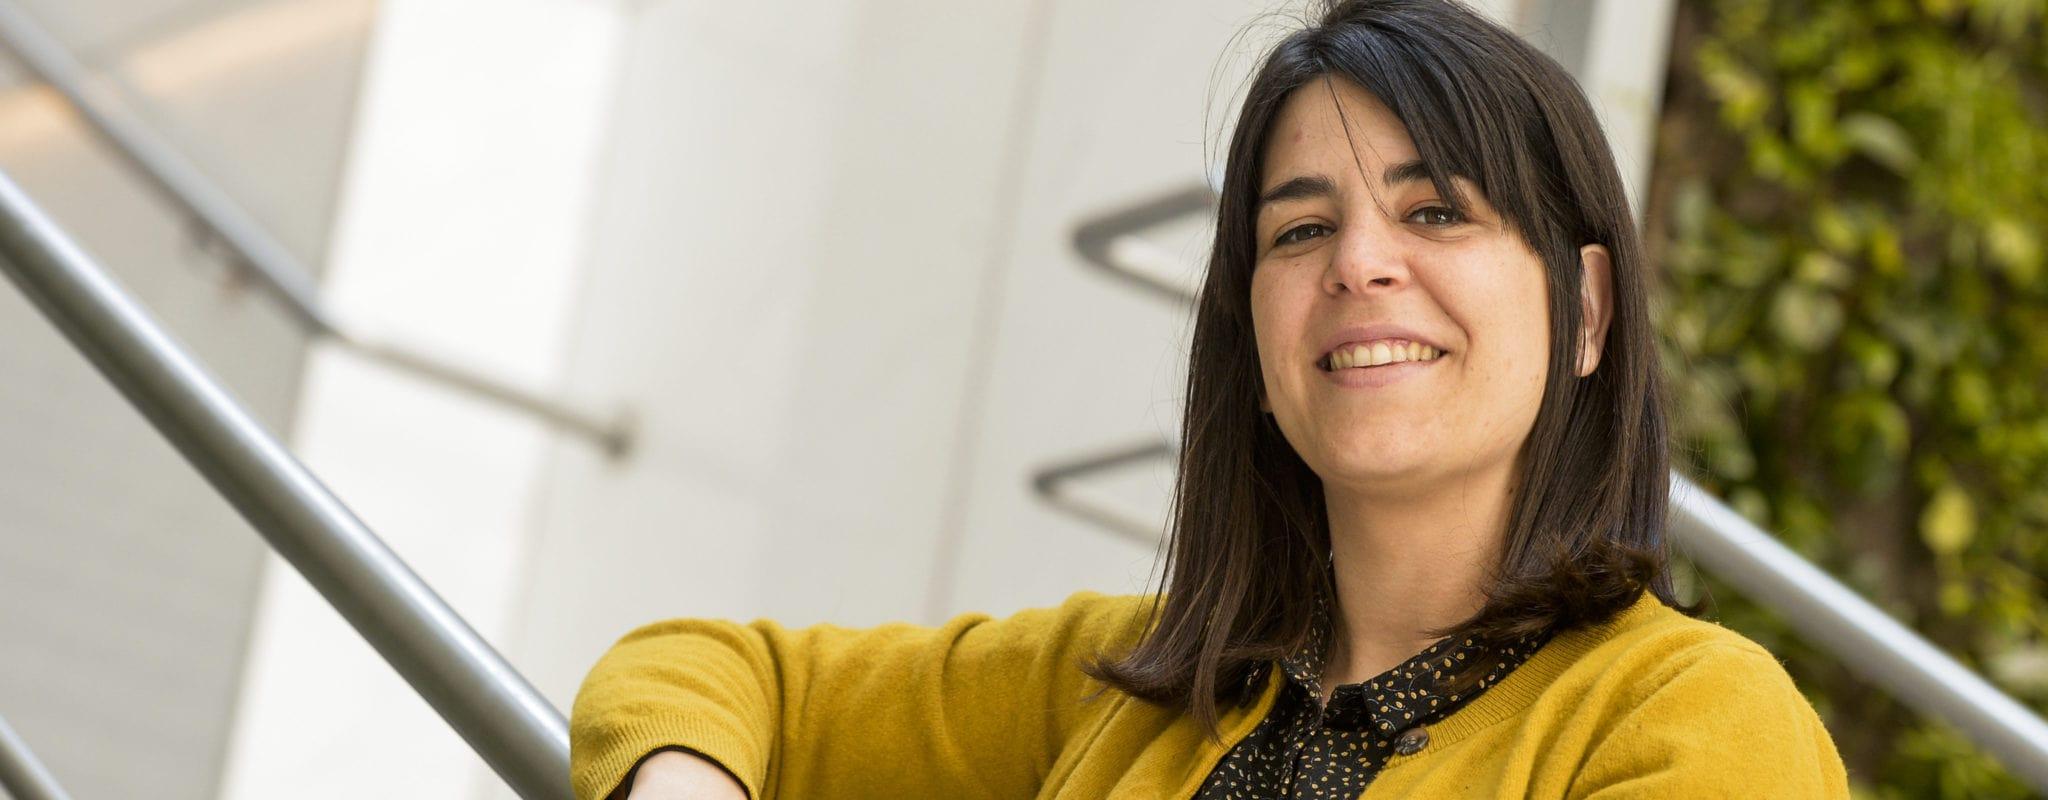 Blanca de Riquer Gatell, en campagne pour un Parlement plus féministe